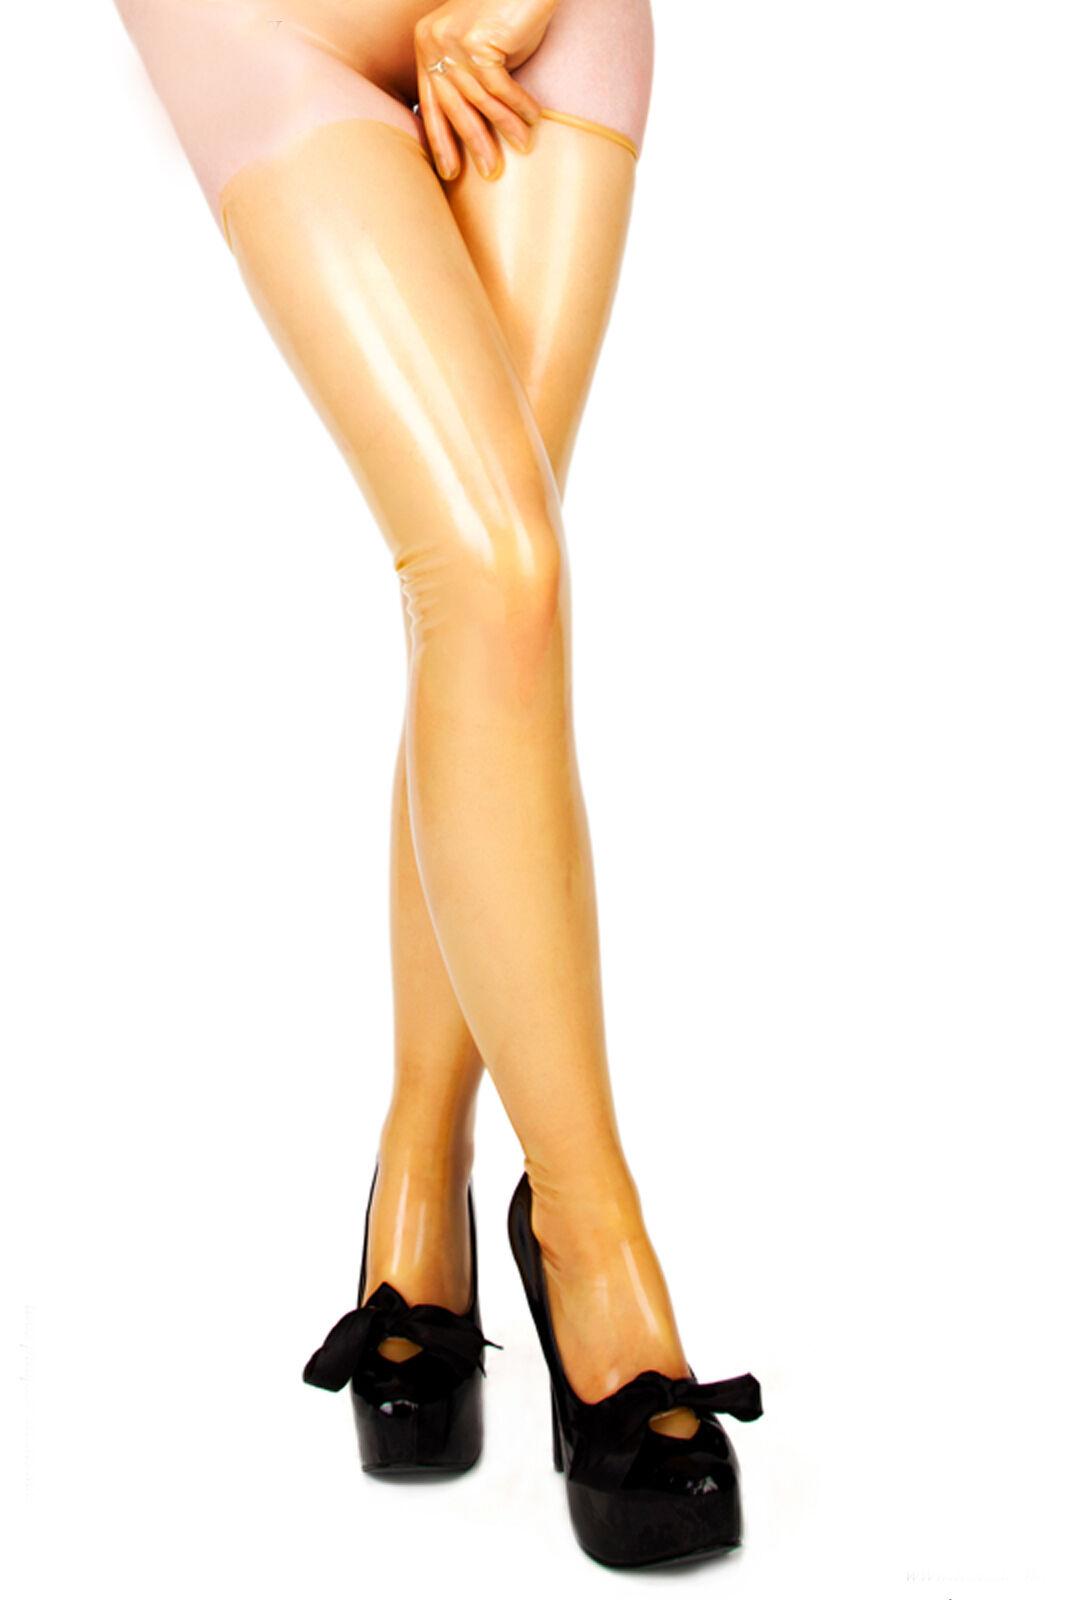 LATEX Strümpfe extralang von LATEXA - TRANSPARENT - Größe Größe Größe wählbar bis XXL | Wir haben von unseren Kunden Lob erhalten.  | Eleganter Stil  | Wirtschaft  | Verrückte Preis  | Deutschland  6b948e